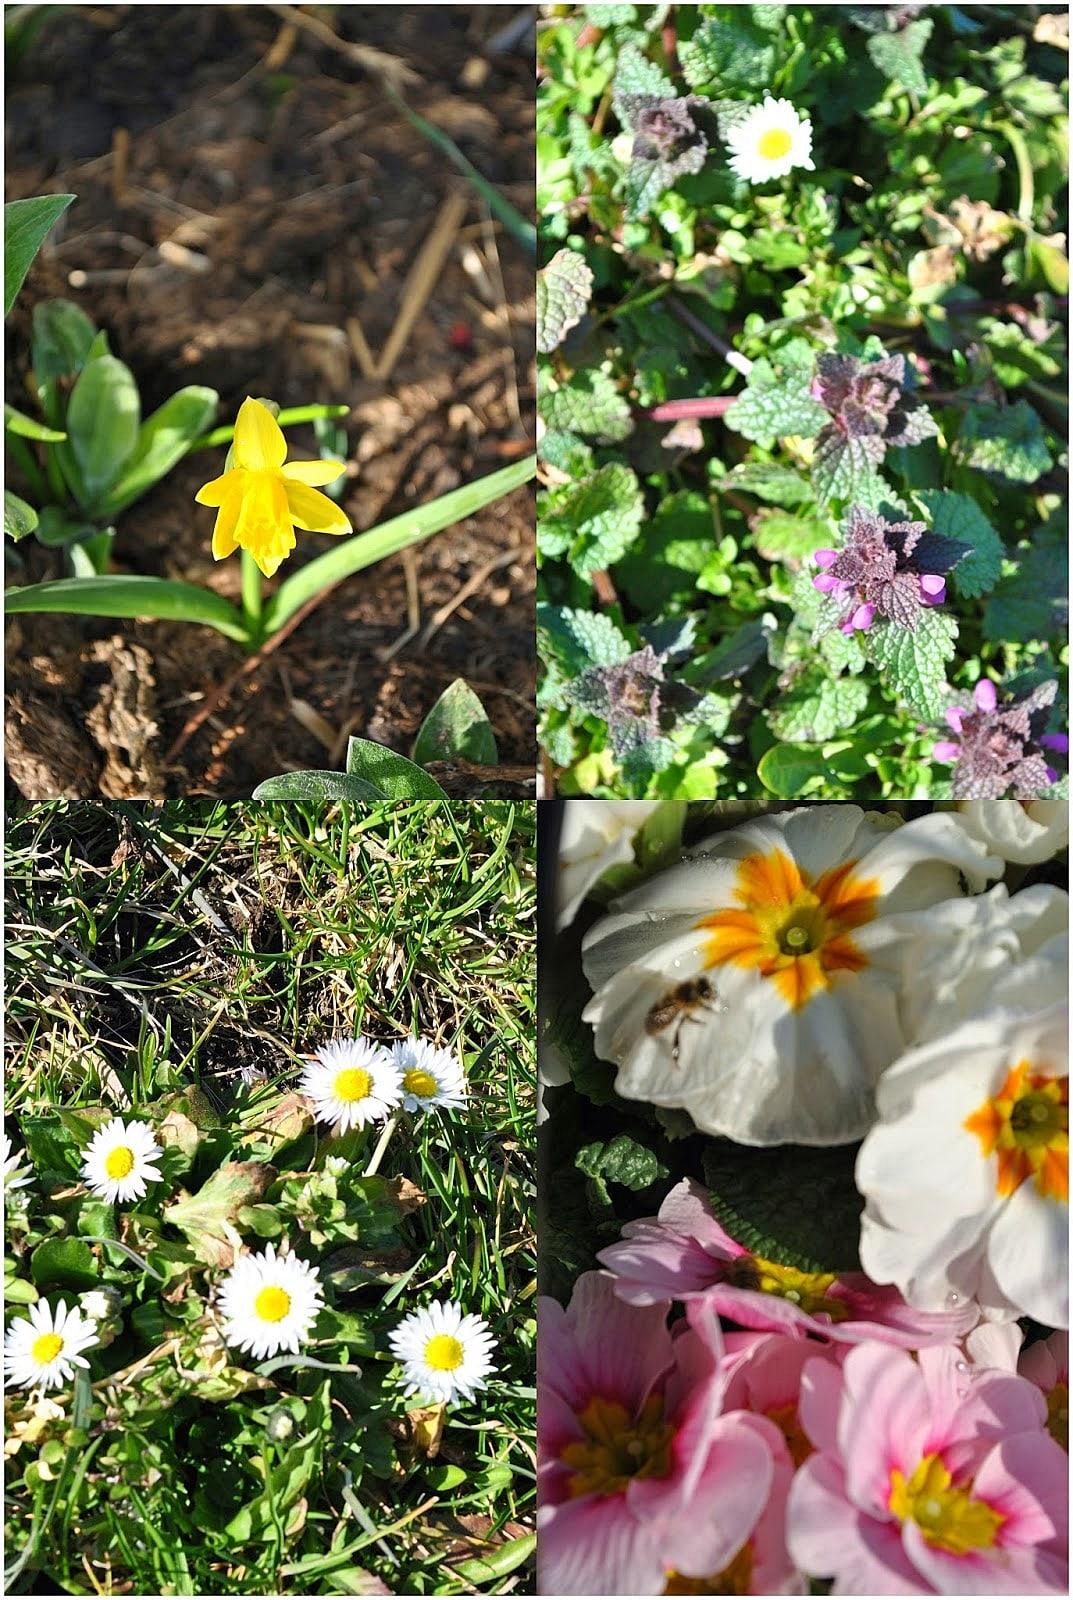 Frühlingserwachen in Haus, Garten und Stall.